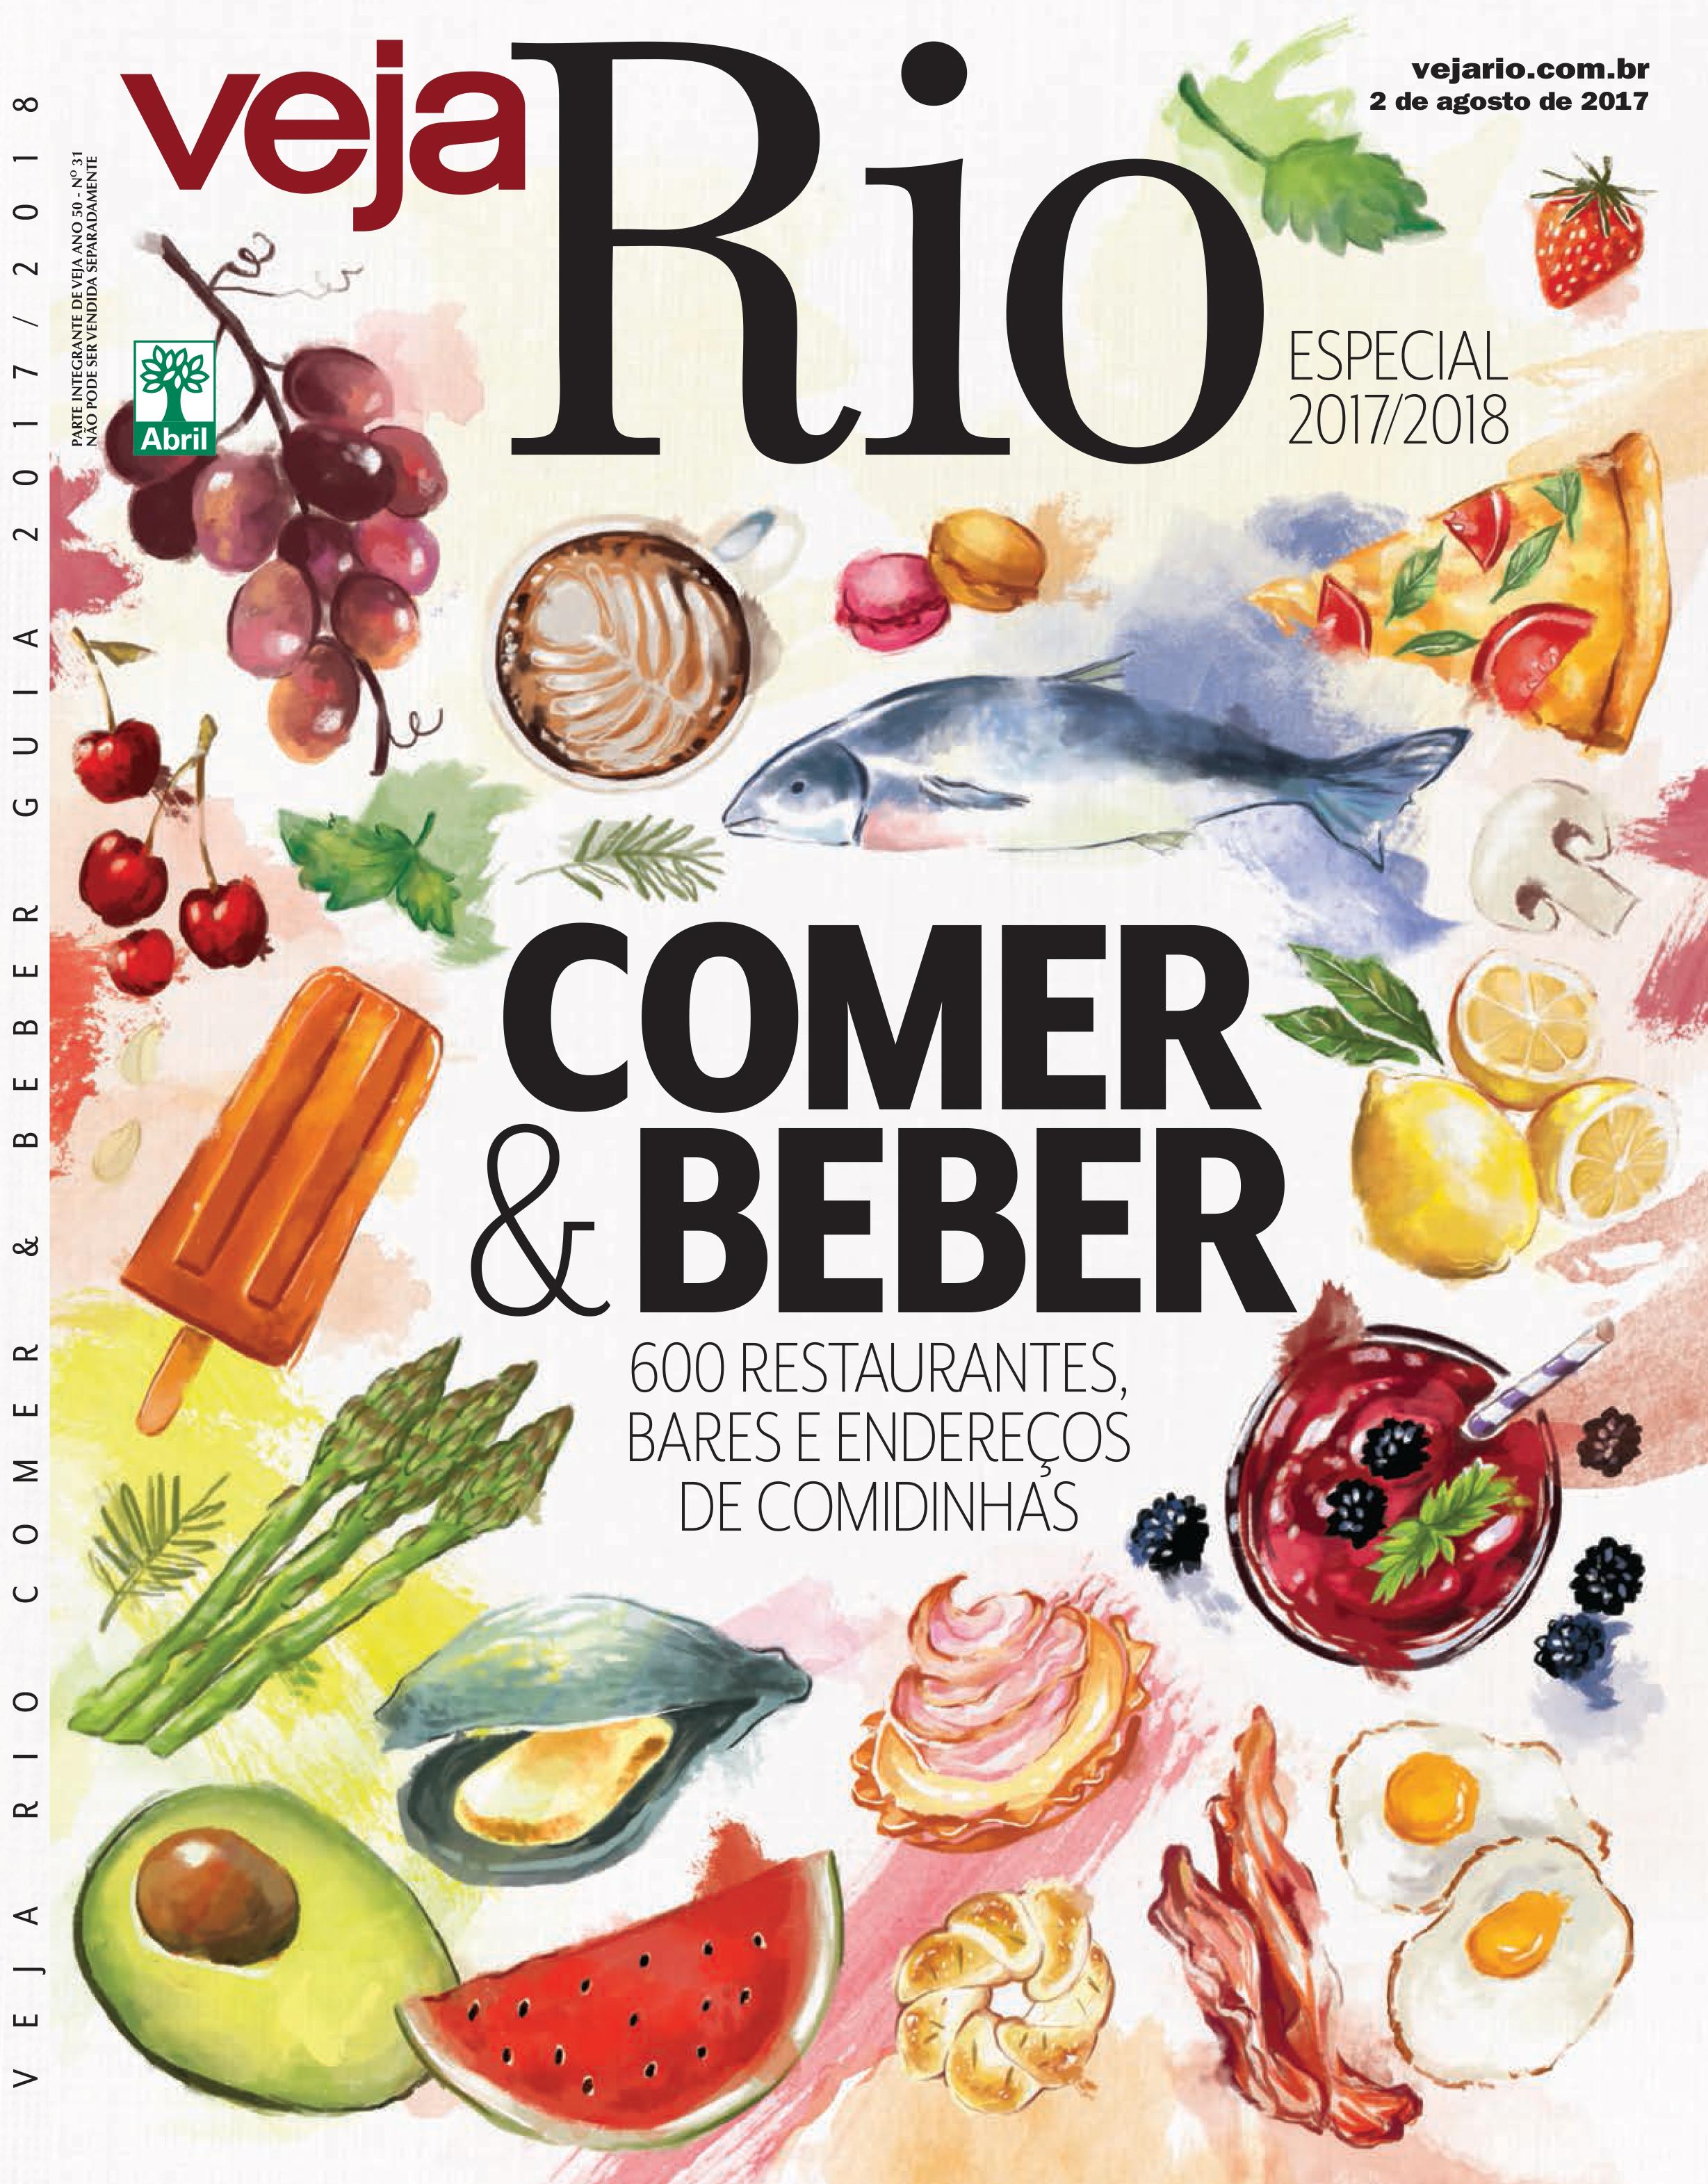 Capa da revista Veja Rio Especial Comer & Beber 2017/2018, edição 2541, de 2 de Agosto de 2017